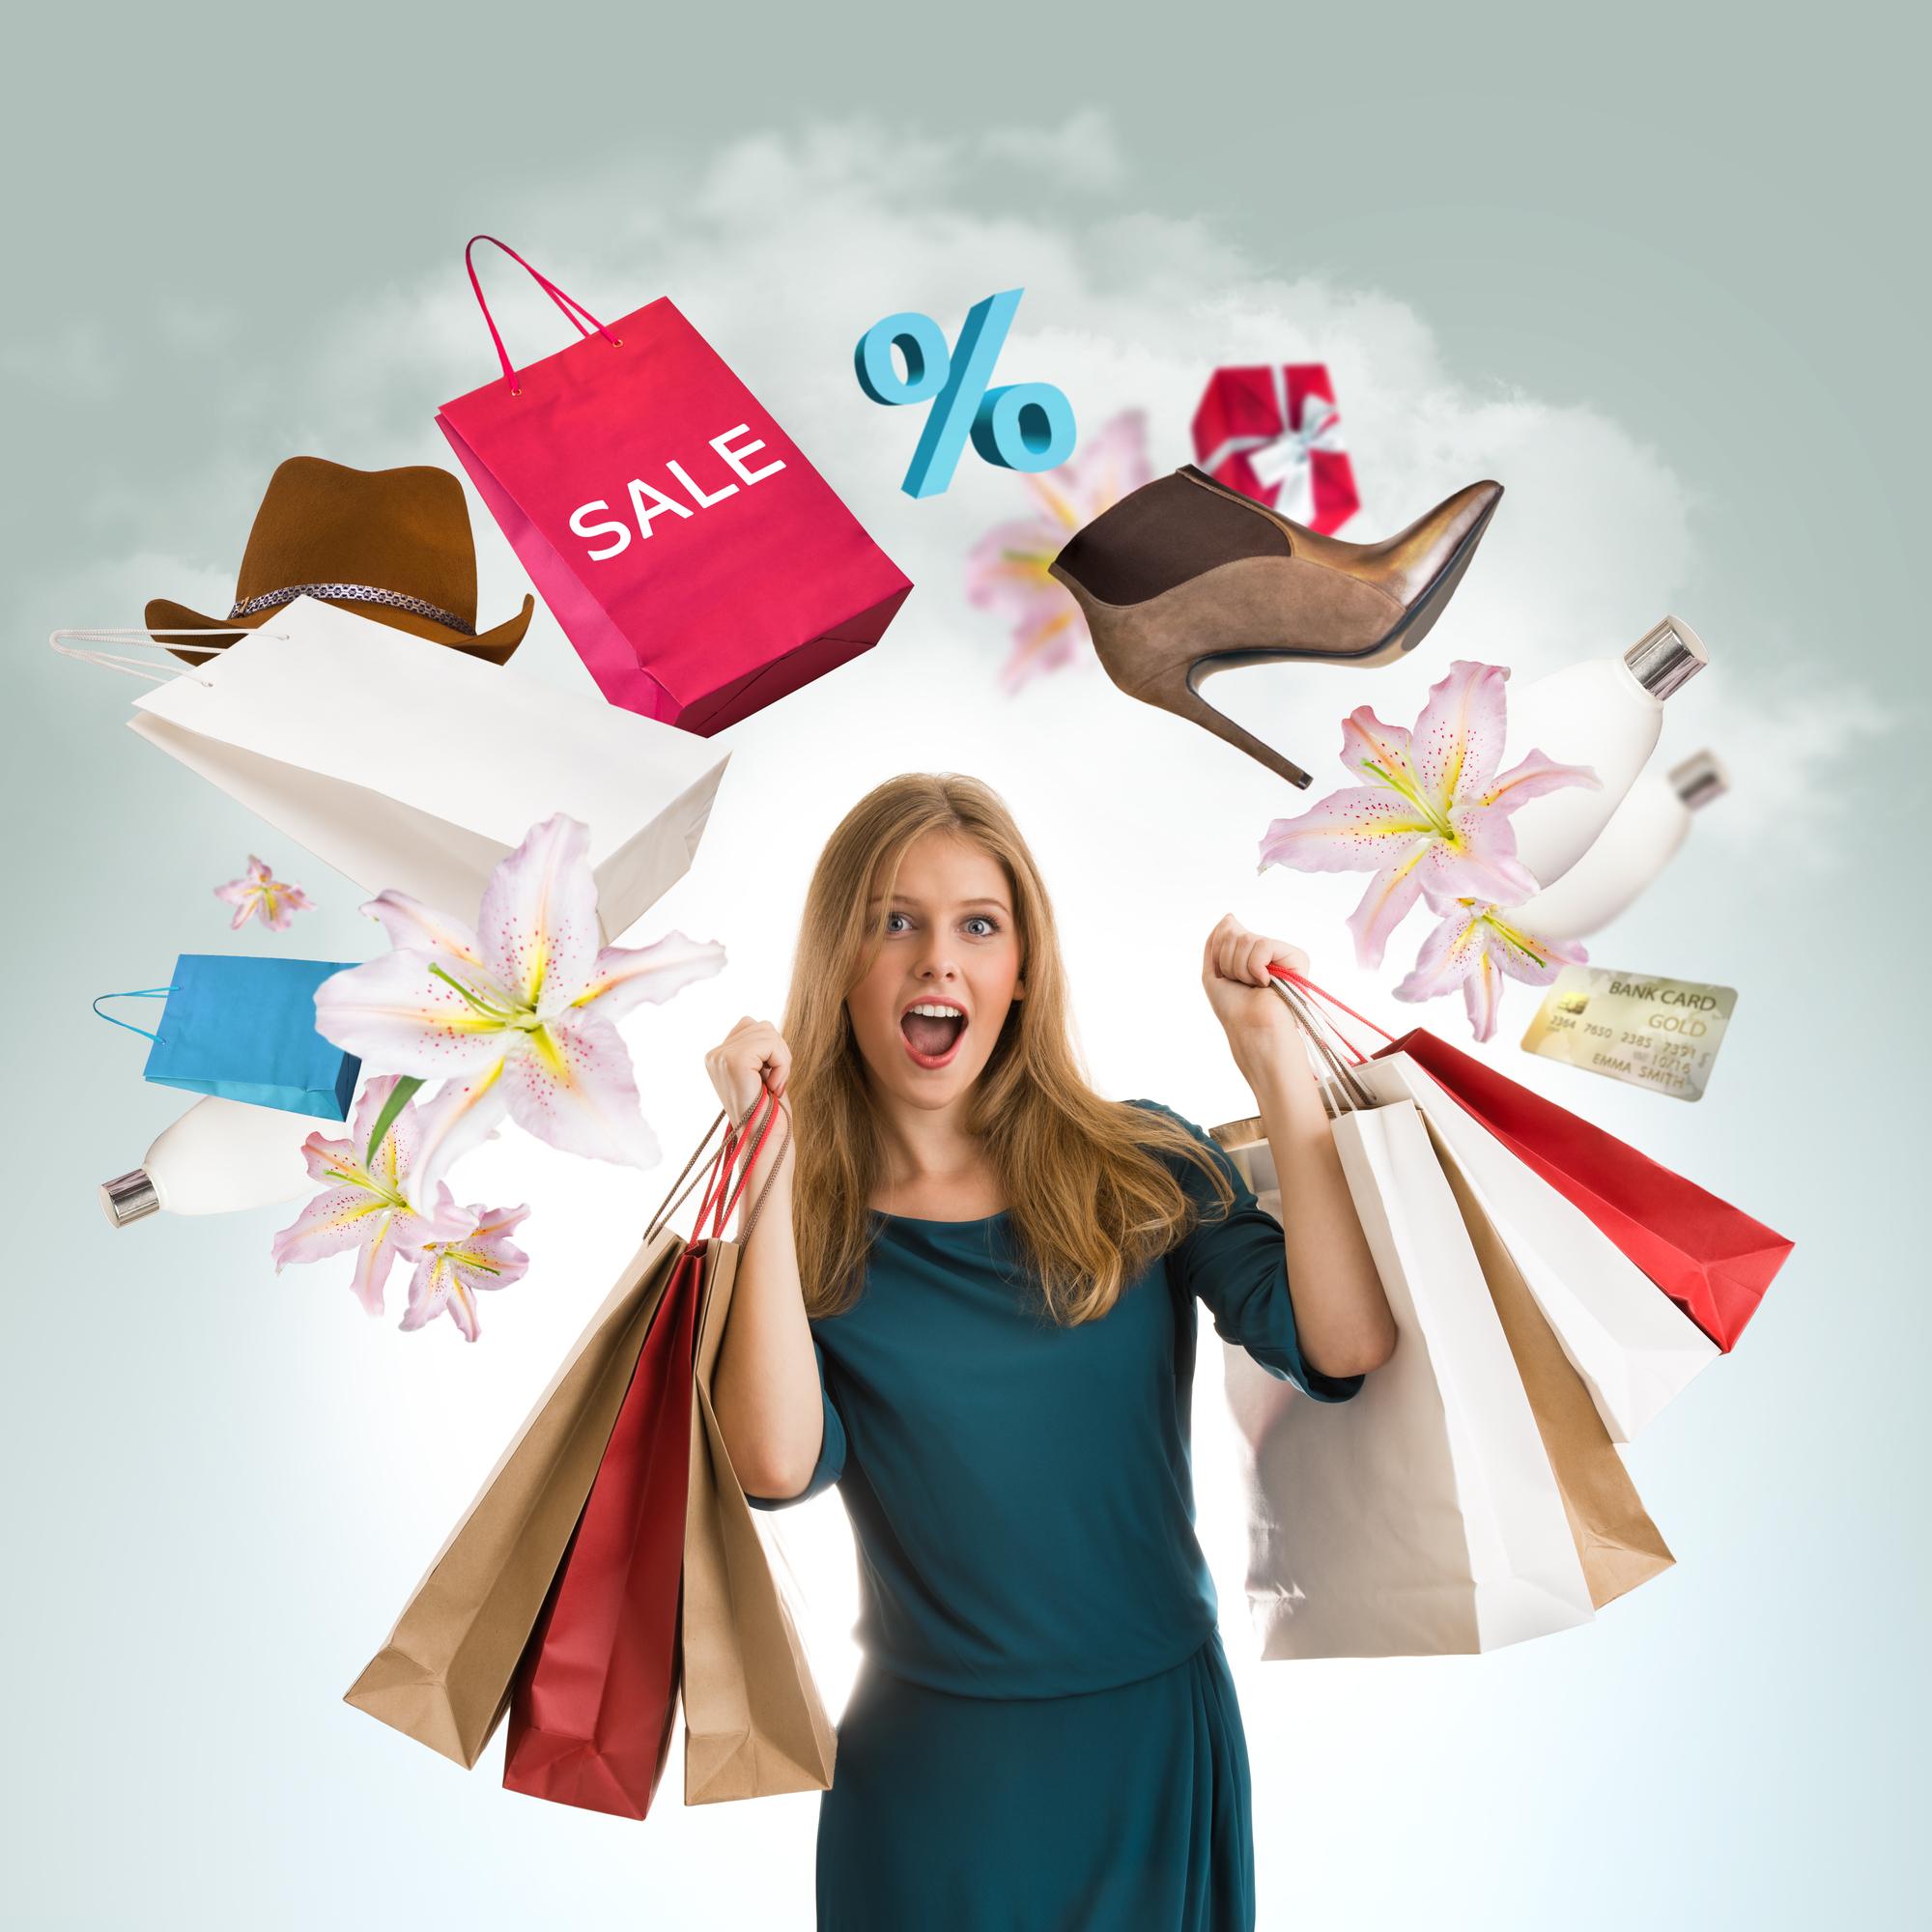 Kvinde shopper